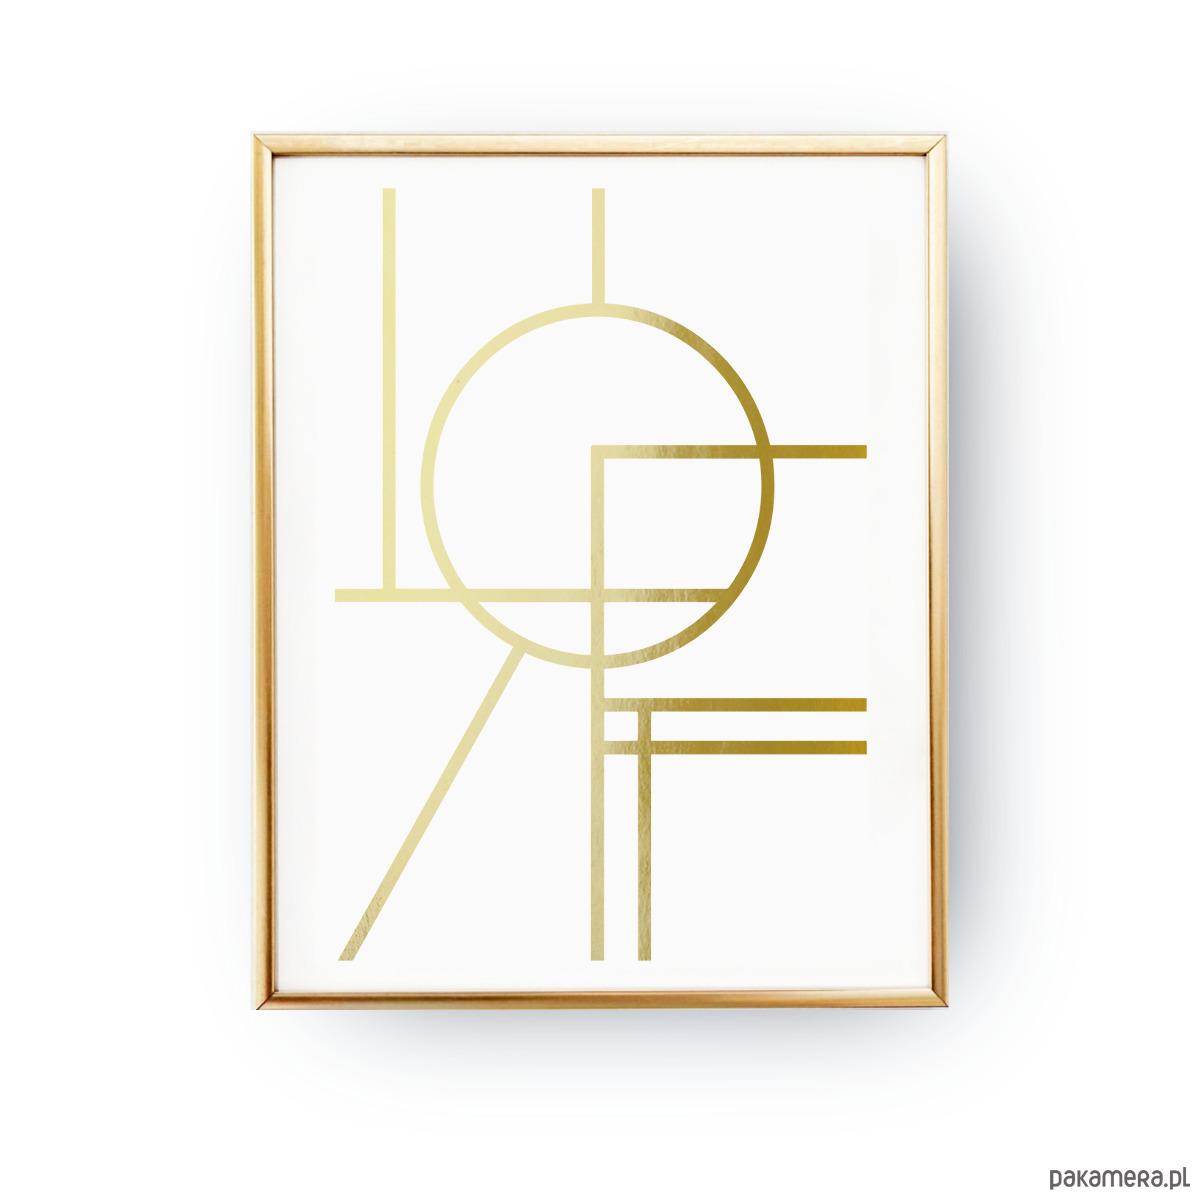 Geometryczne Koło Złoty Druk Pakamerapl